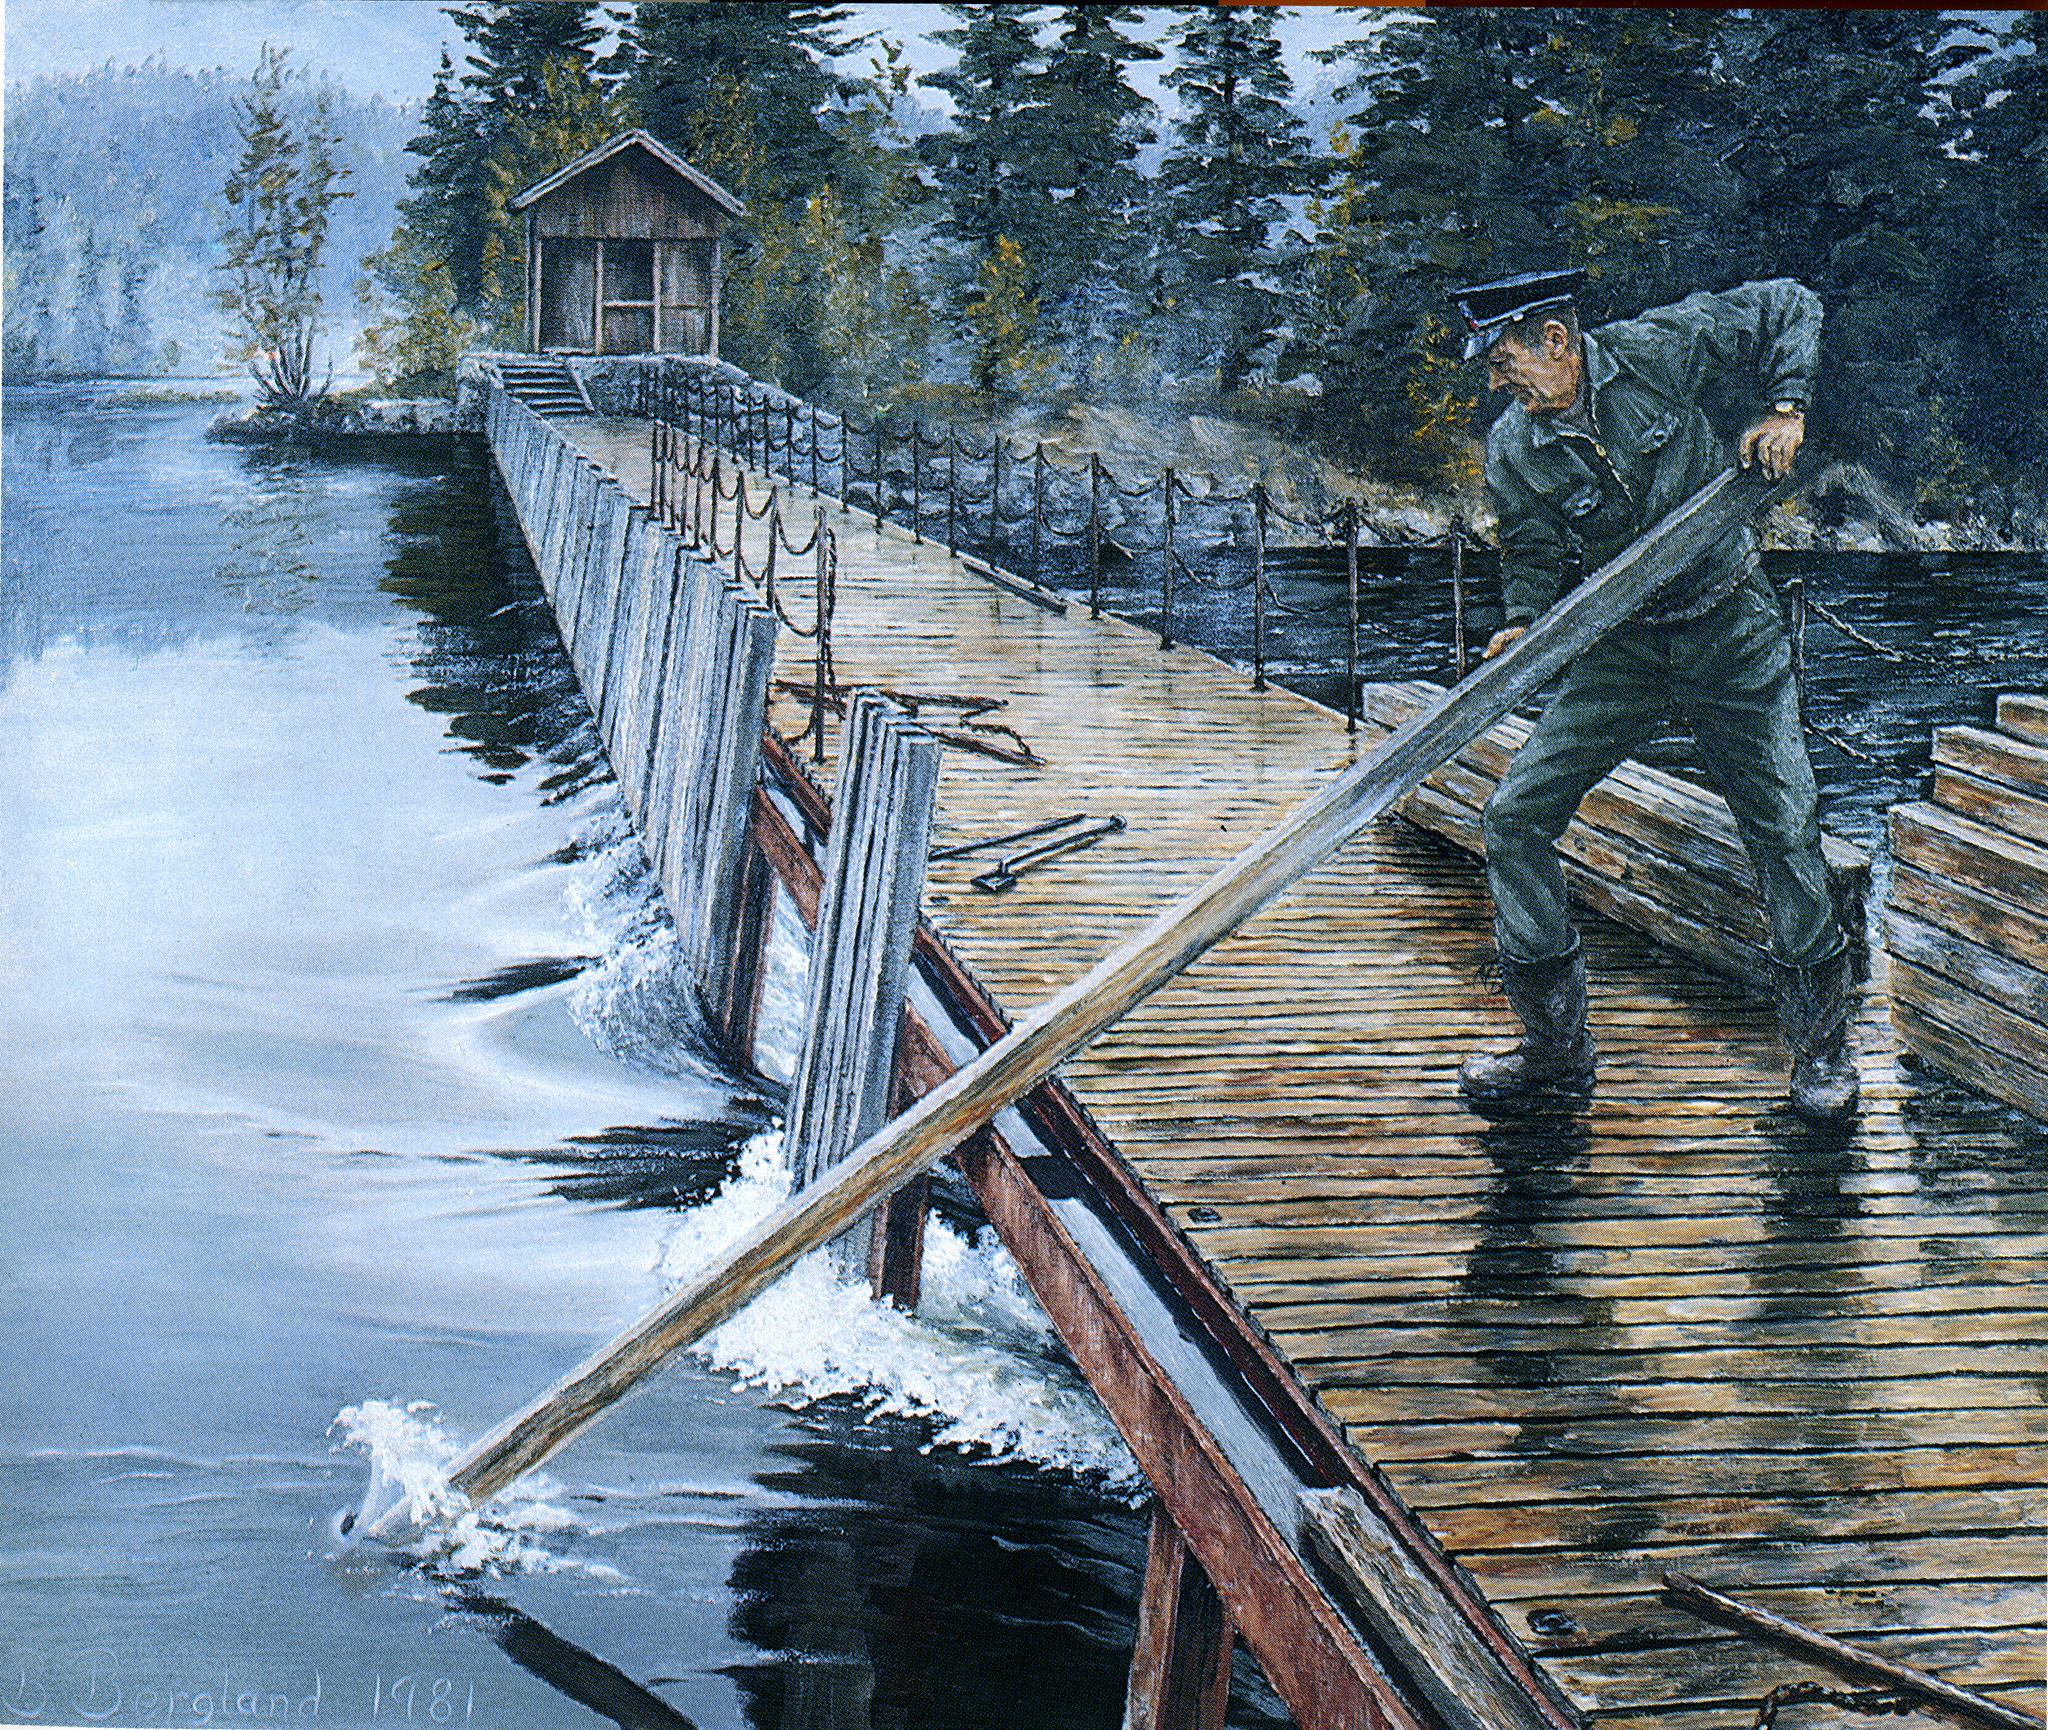 NÅLEDAM: Slusevokterne hadde arbeidet med å sette og å trekke nåler når dammene skulle åpnes eller lukkes. Slusevokter Birger Bergland har malt bildet av Ingvald Straume på dammen i Kjeldal sluse.